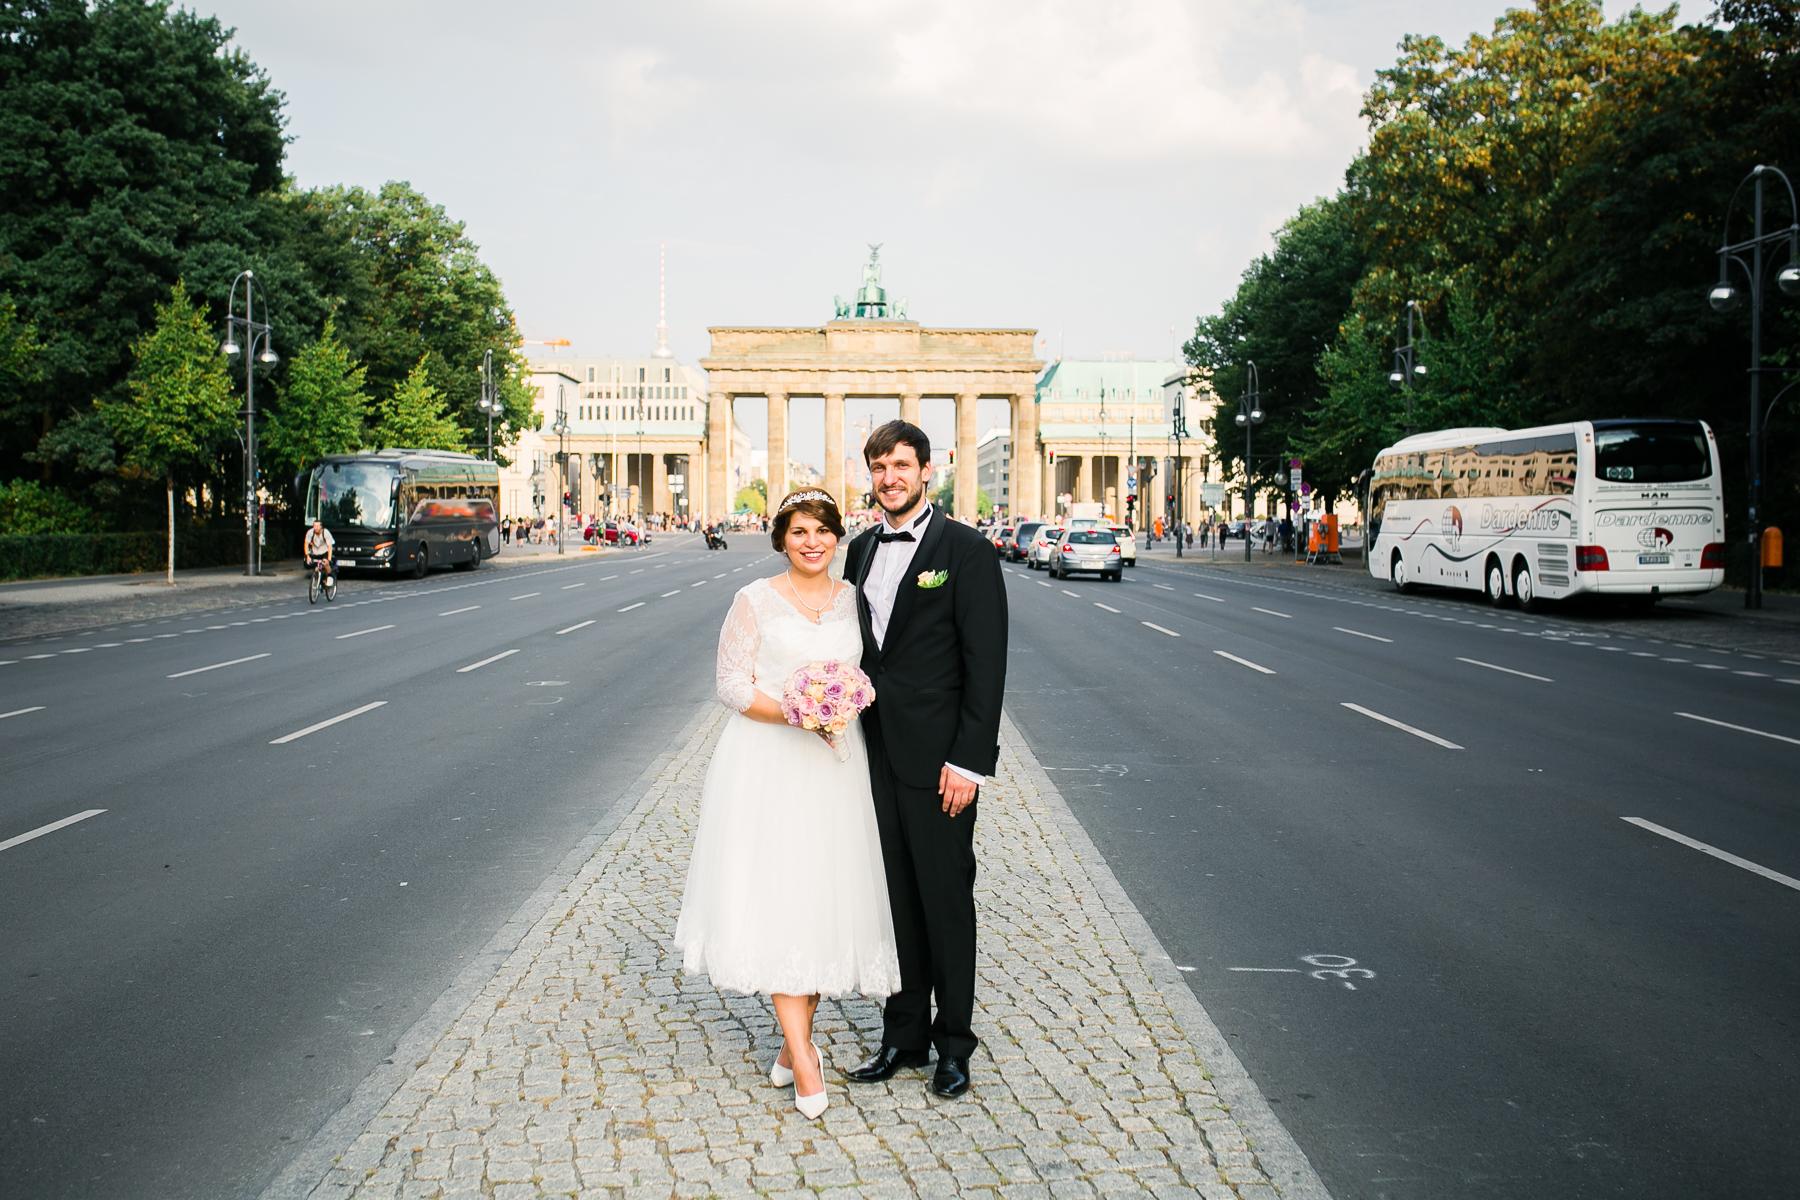 Hochzeit in Berlin - Sezgi & Mantas